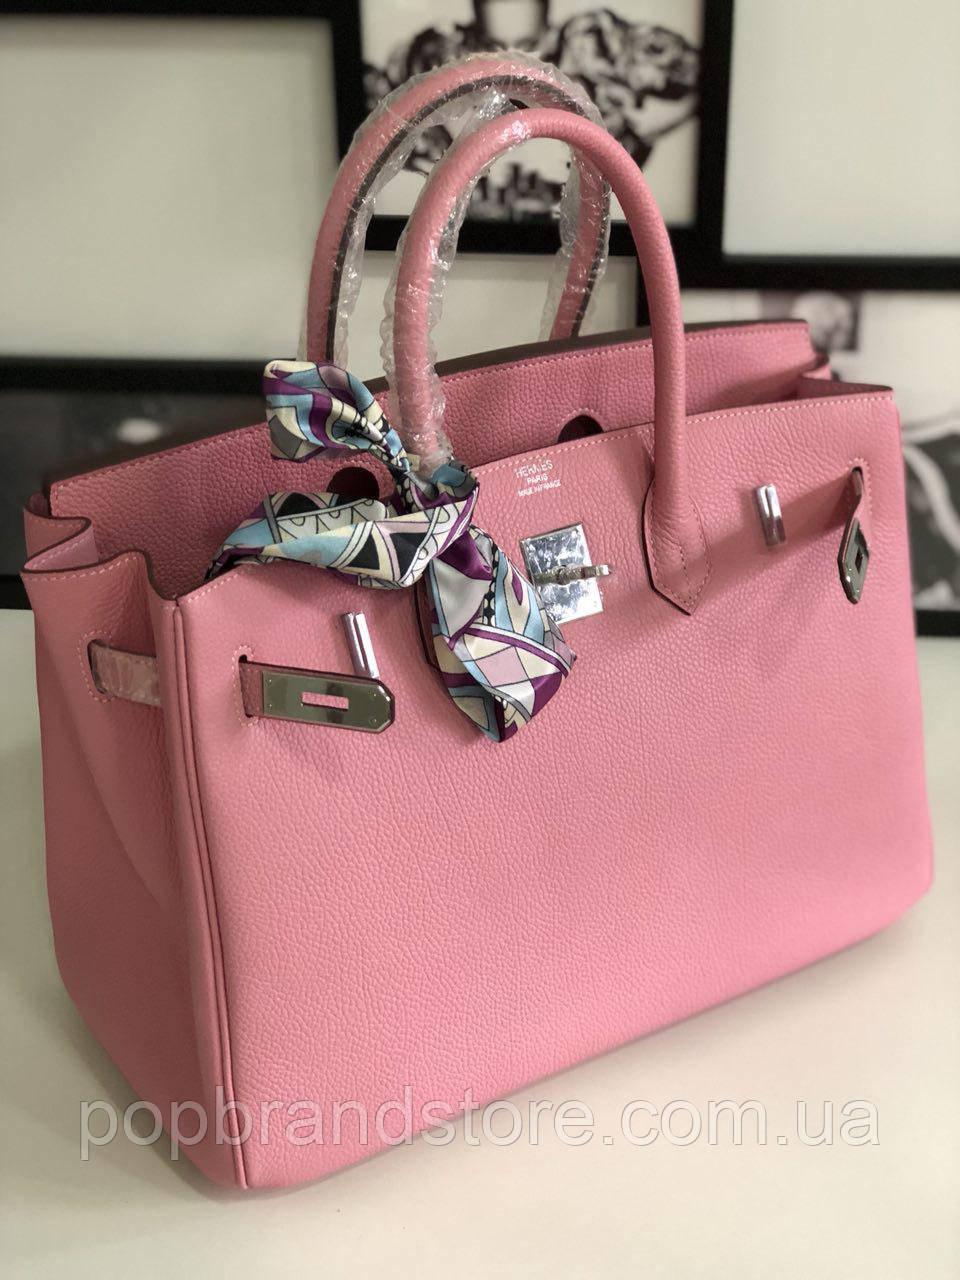 Роскошная женская сумка Гермес Биркин 35 см розе (реплика)  продажа ... 91c0696e6b7ce